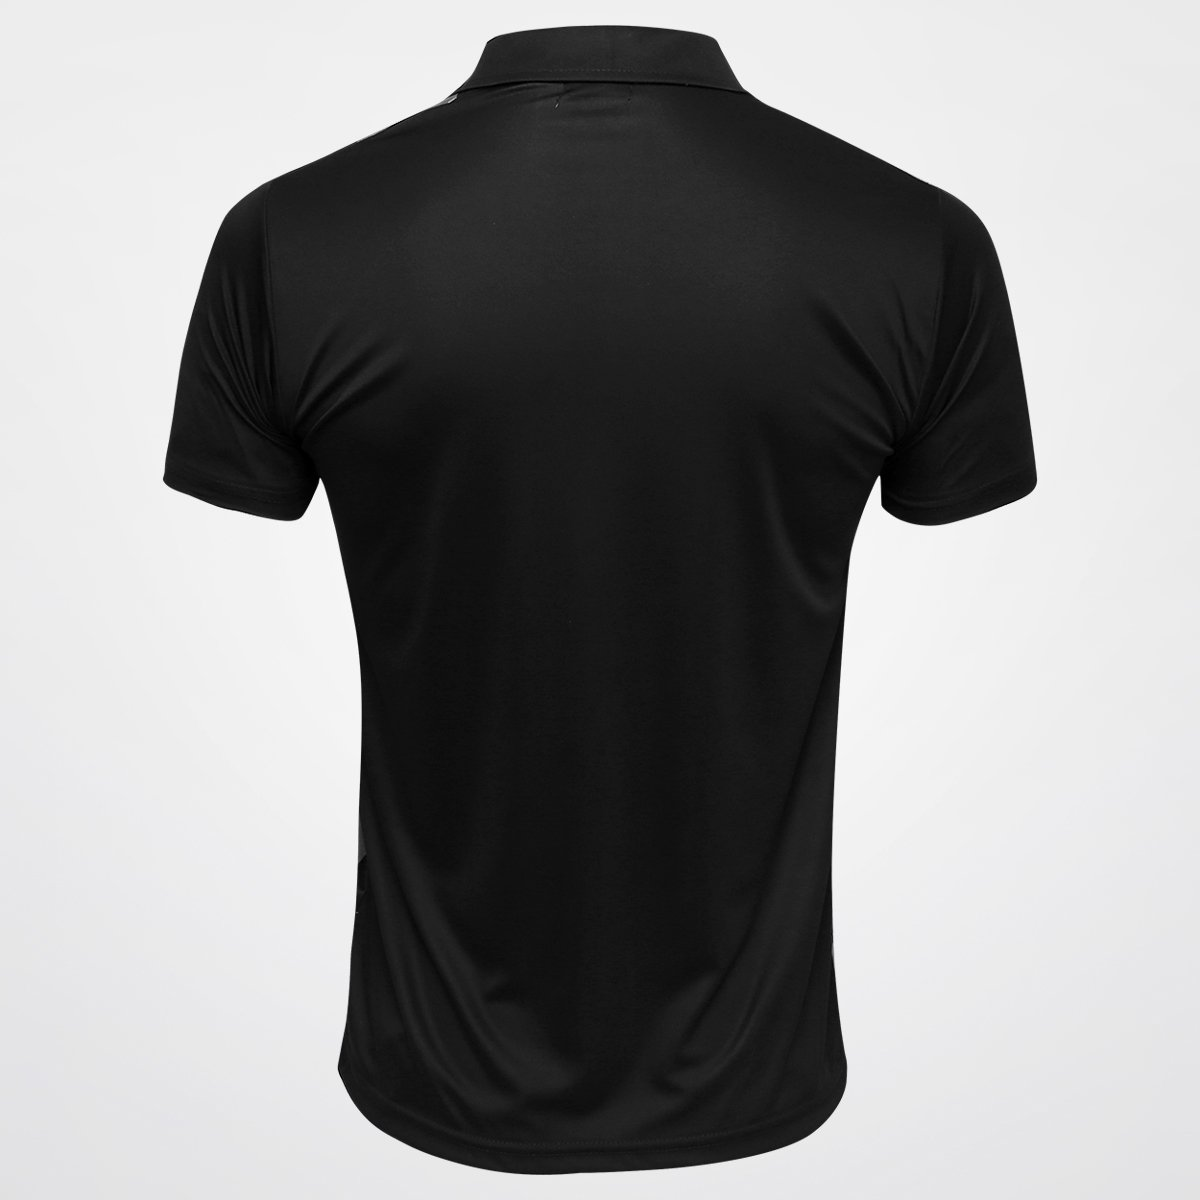 912839cc56bd8 Camisa Polo Santos Kappa Force 2016 Masculina - Compre Agora